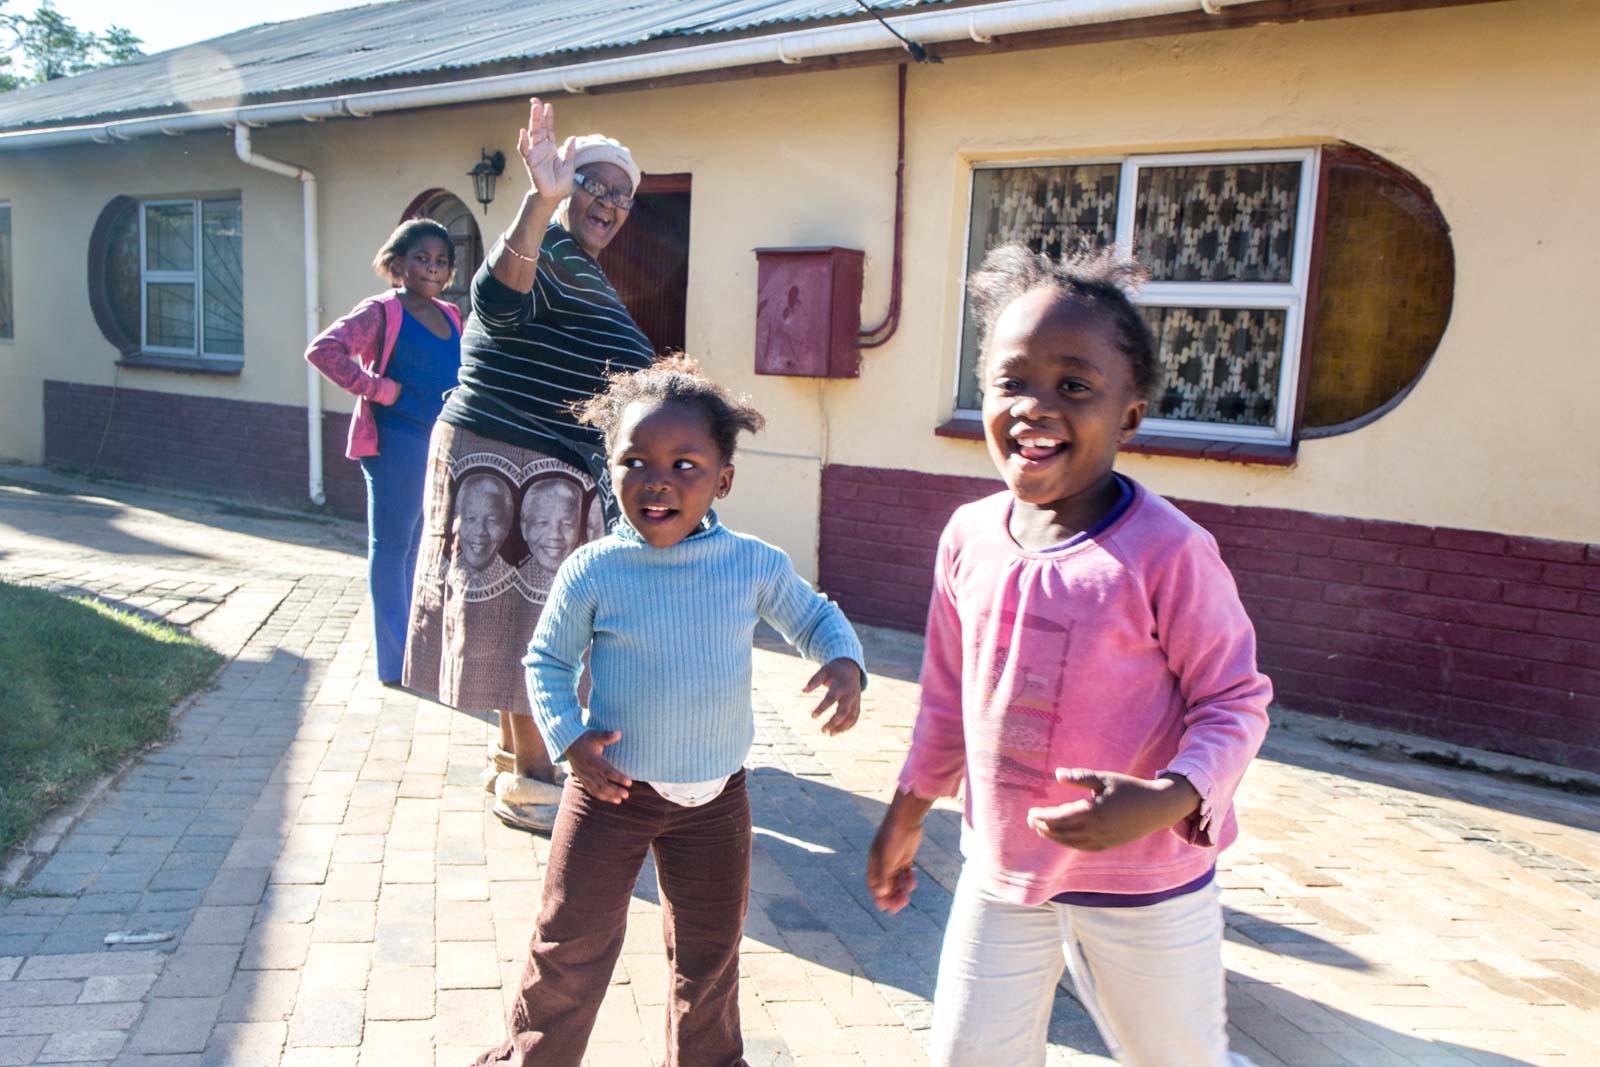 Kayamandi township tour, Stellenbosch, South Africa